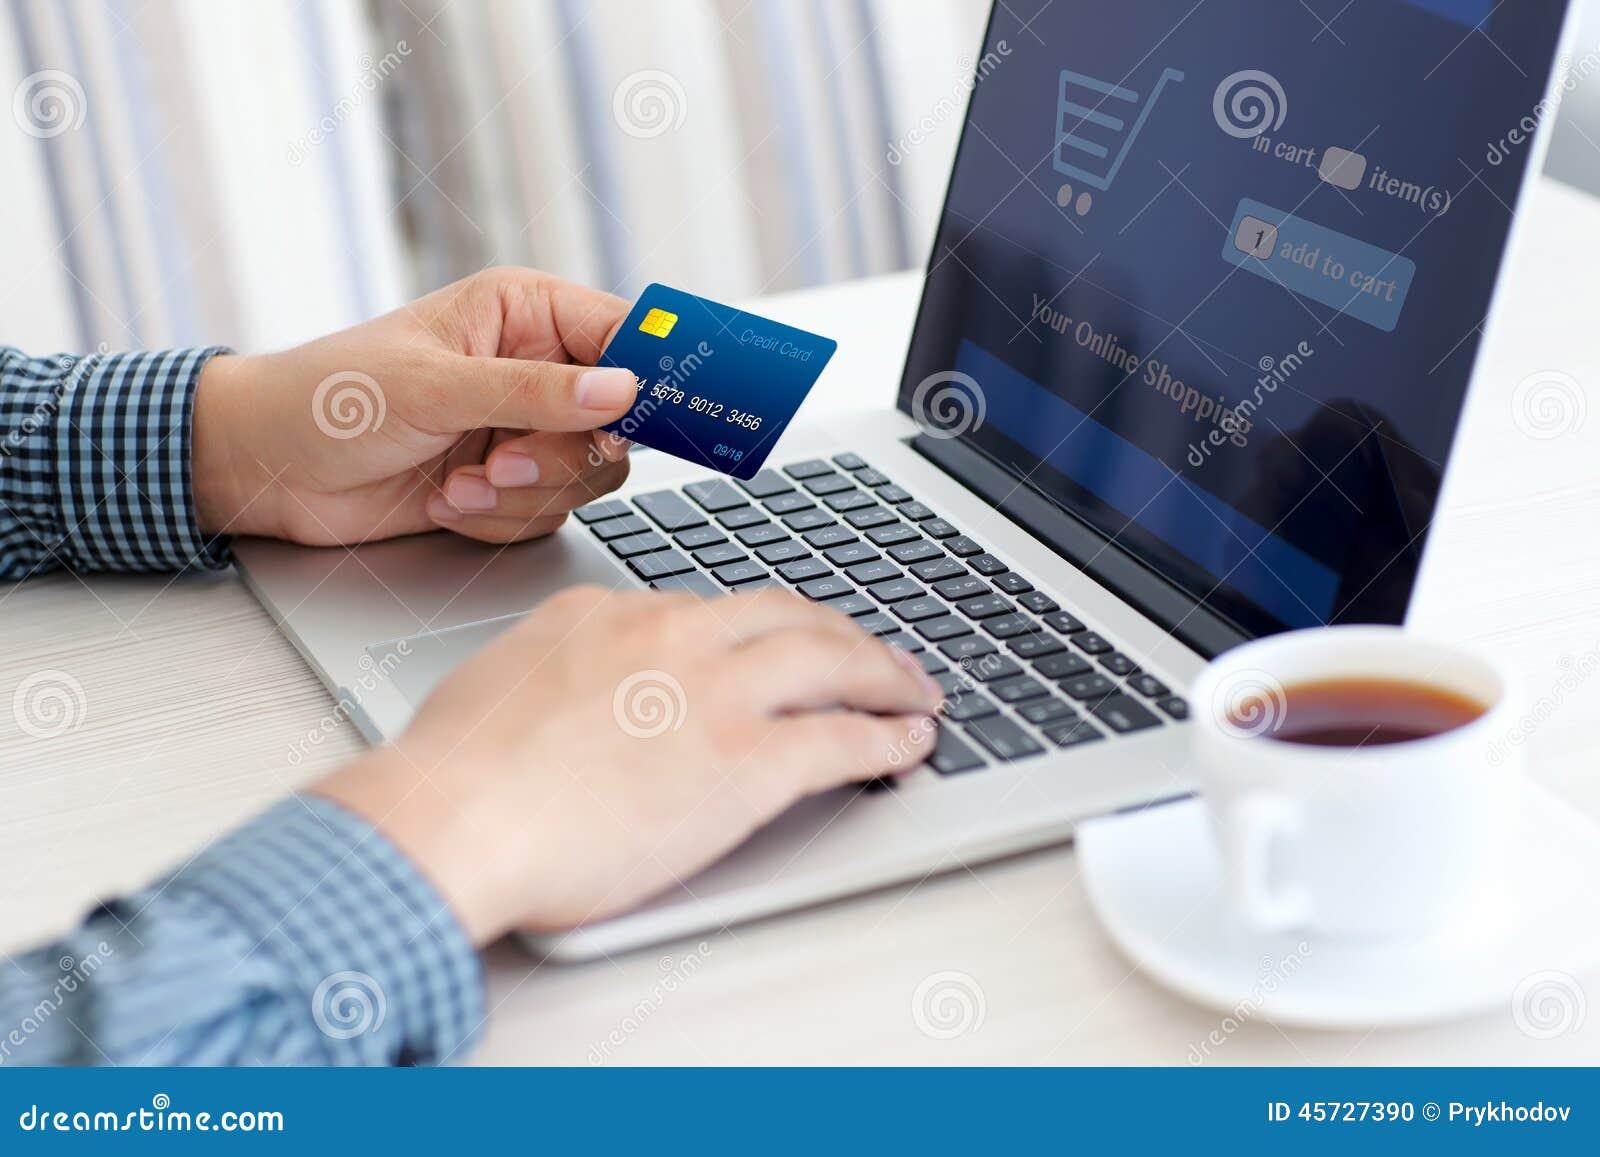 Sirva hacer compras en línea con la tarjeta de crédito en el ordenador portátil